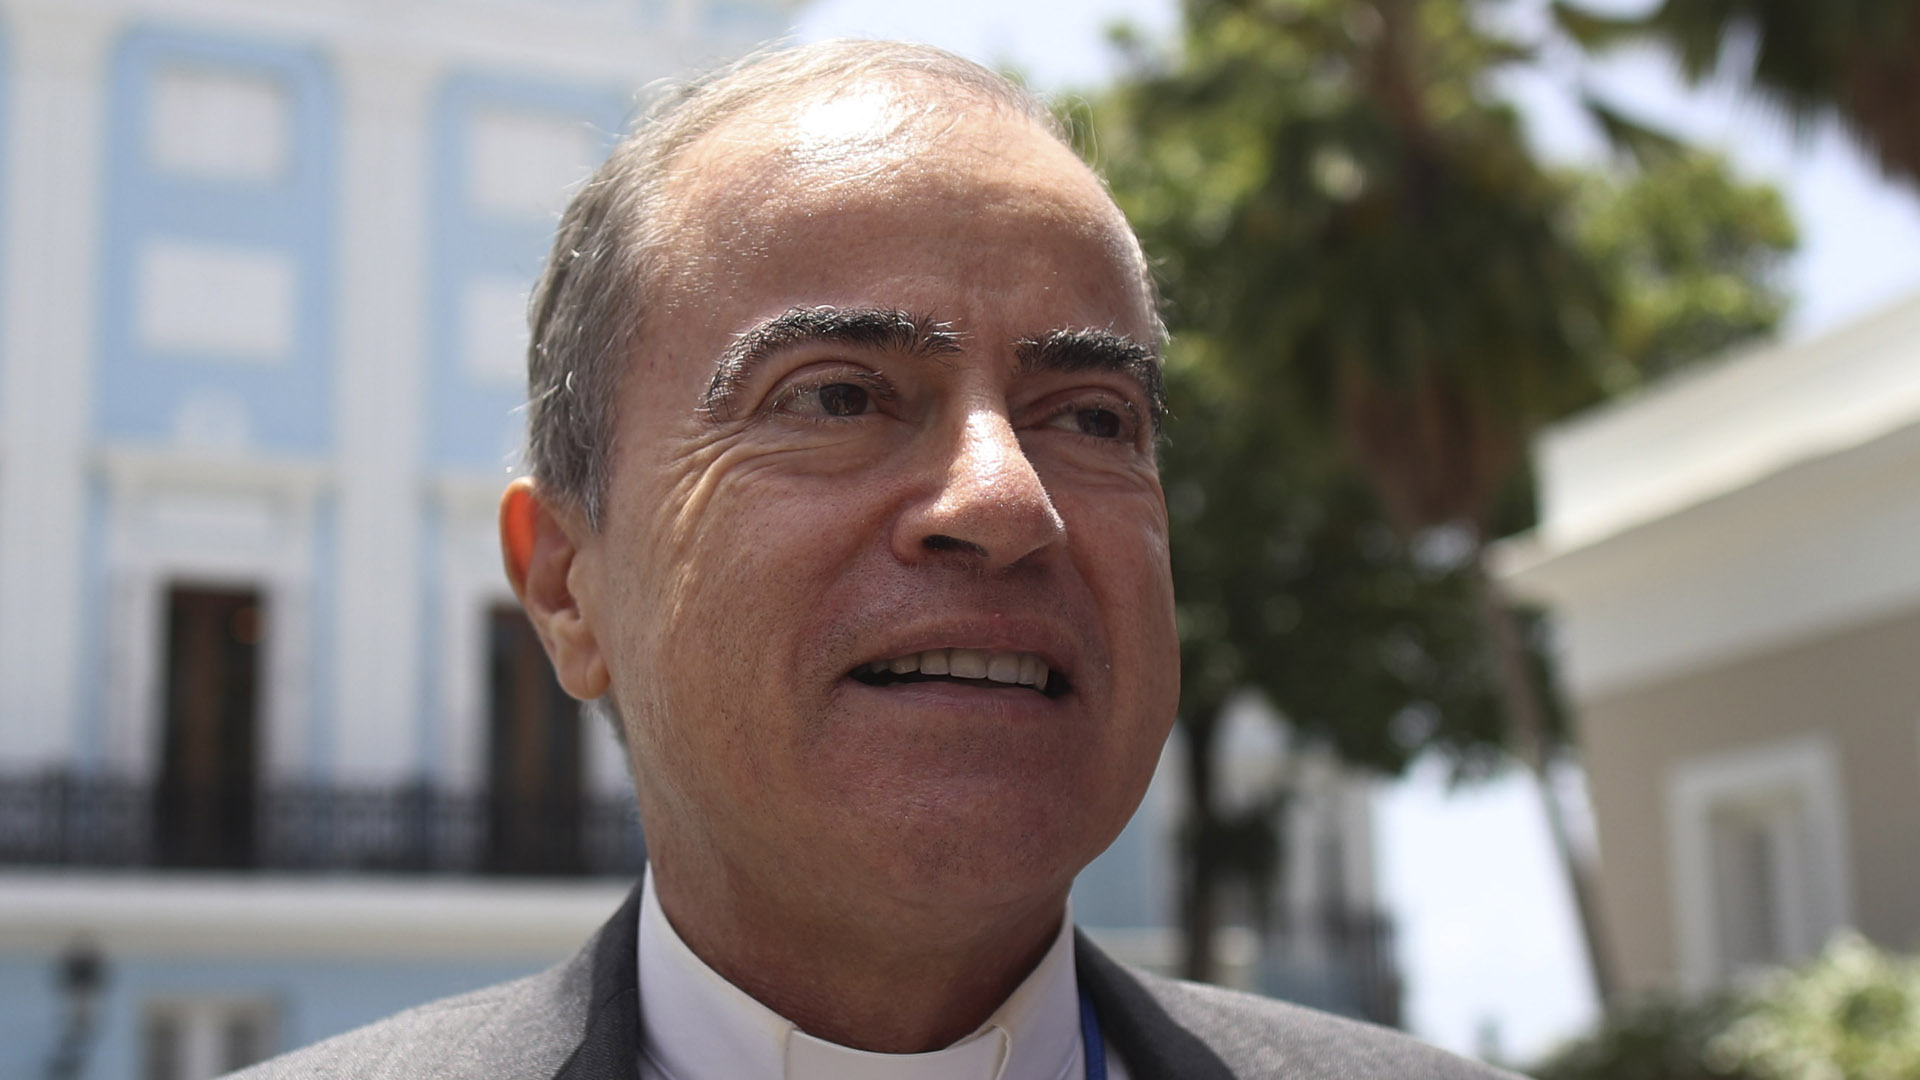 El arzobispo de San Juan ora por Wanda Vázquez